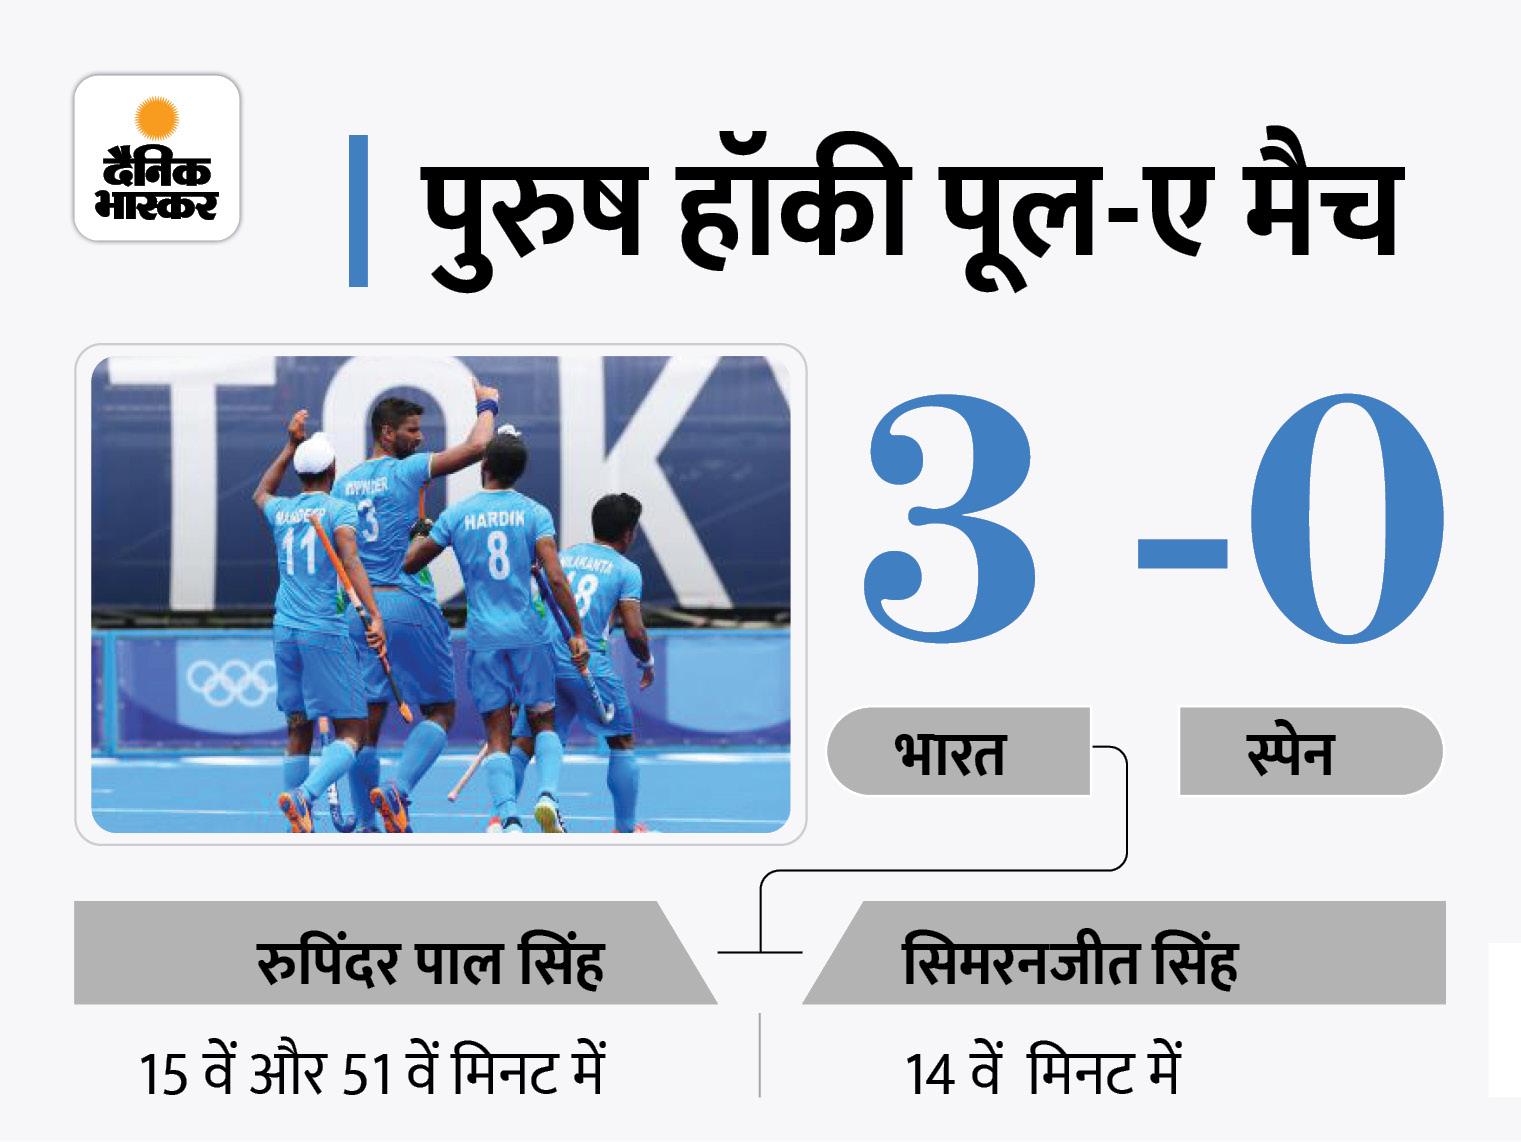 पूल-ए के अपने तीसरे मैच में स्पेन को 3-0 से हराया; क्वार्टर फाइनल में पहुंचने का दावा मजबूत|परफॉर्मेंस (भारत),India Performance - Dainik Bhaskar